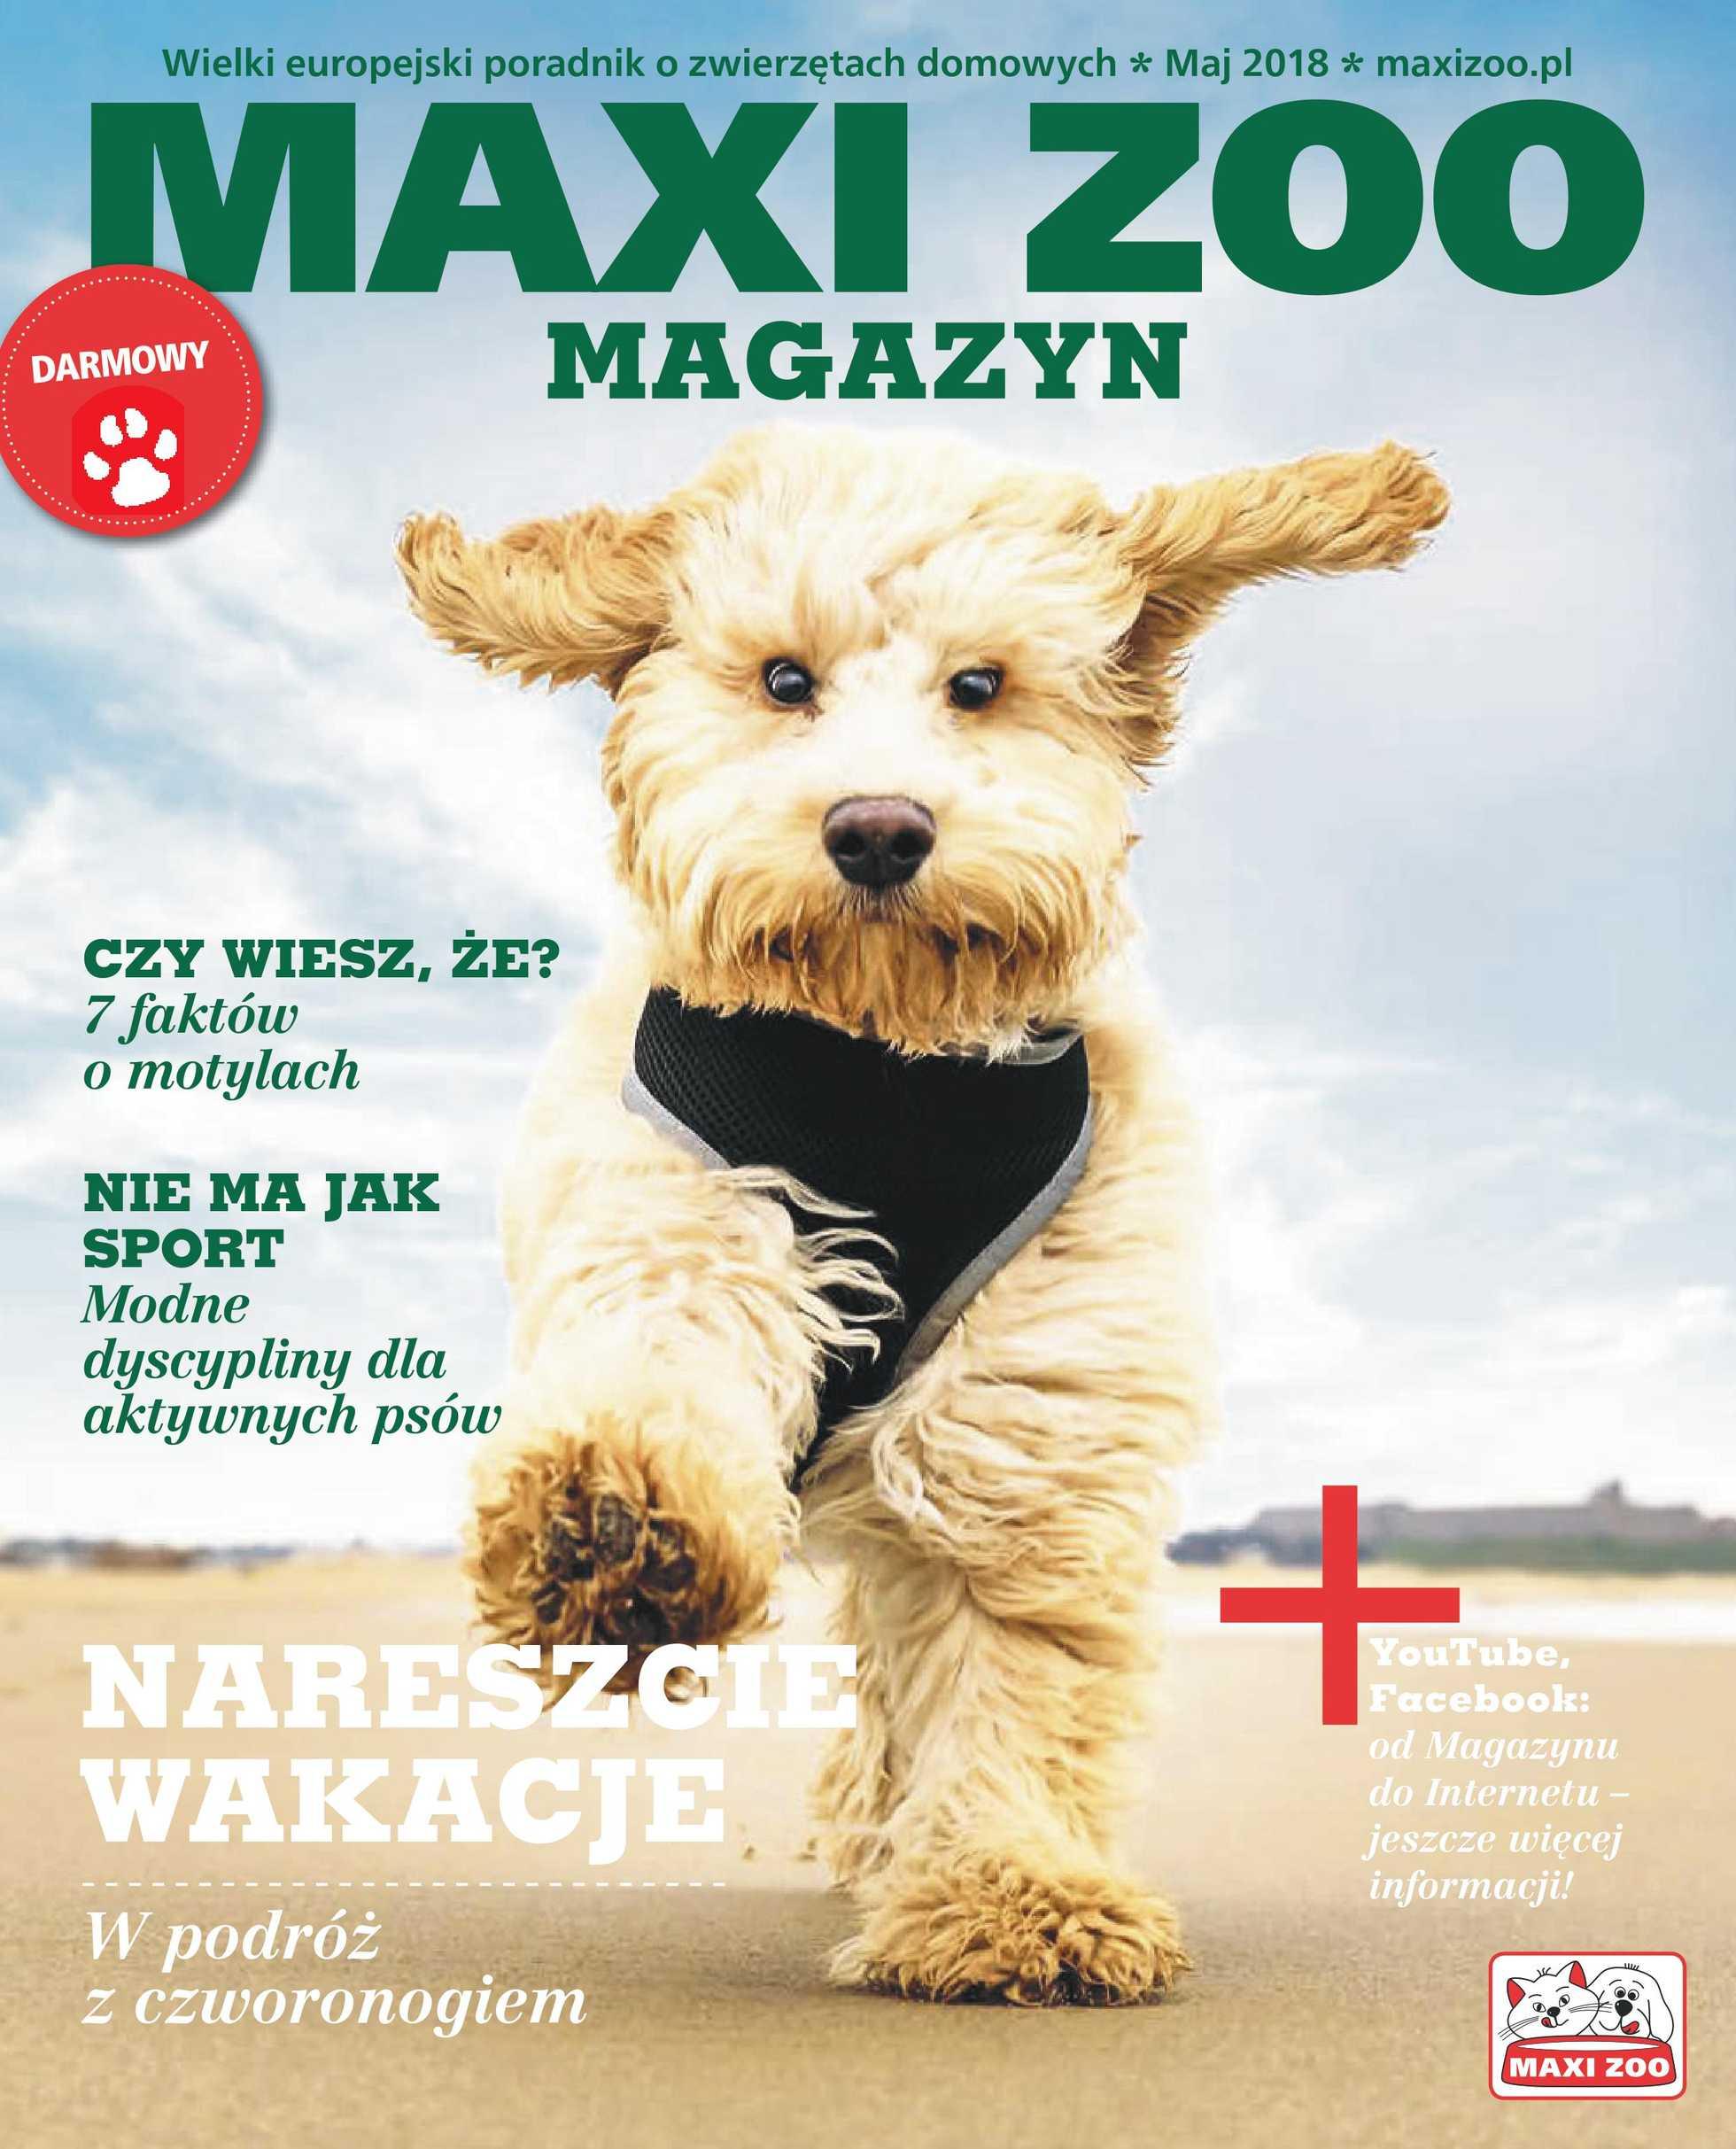 Maxi ZOO - gazetka promocyjna ważna od 05.05.2018 do 31.03.2019 - strona 1.